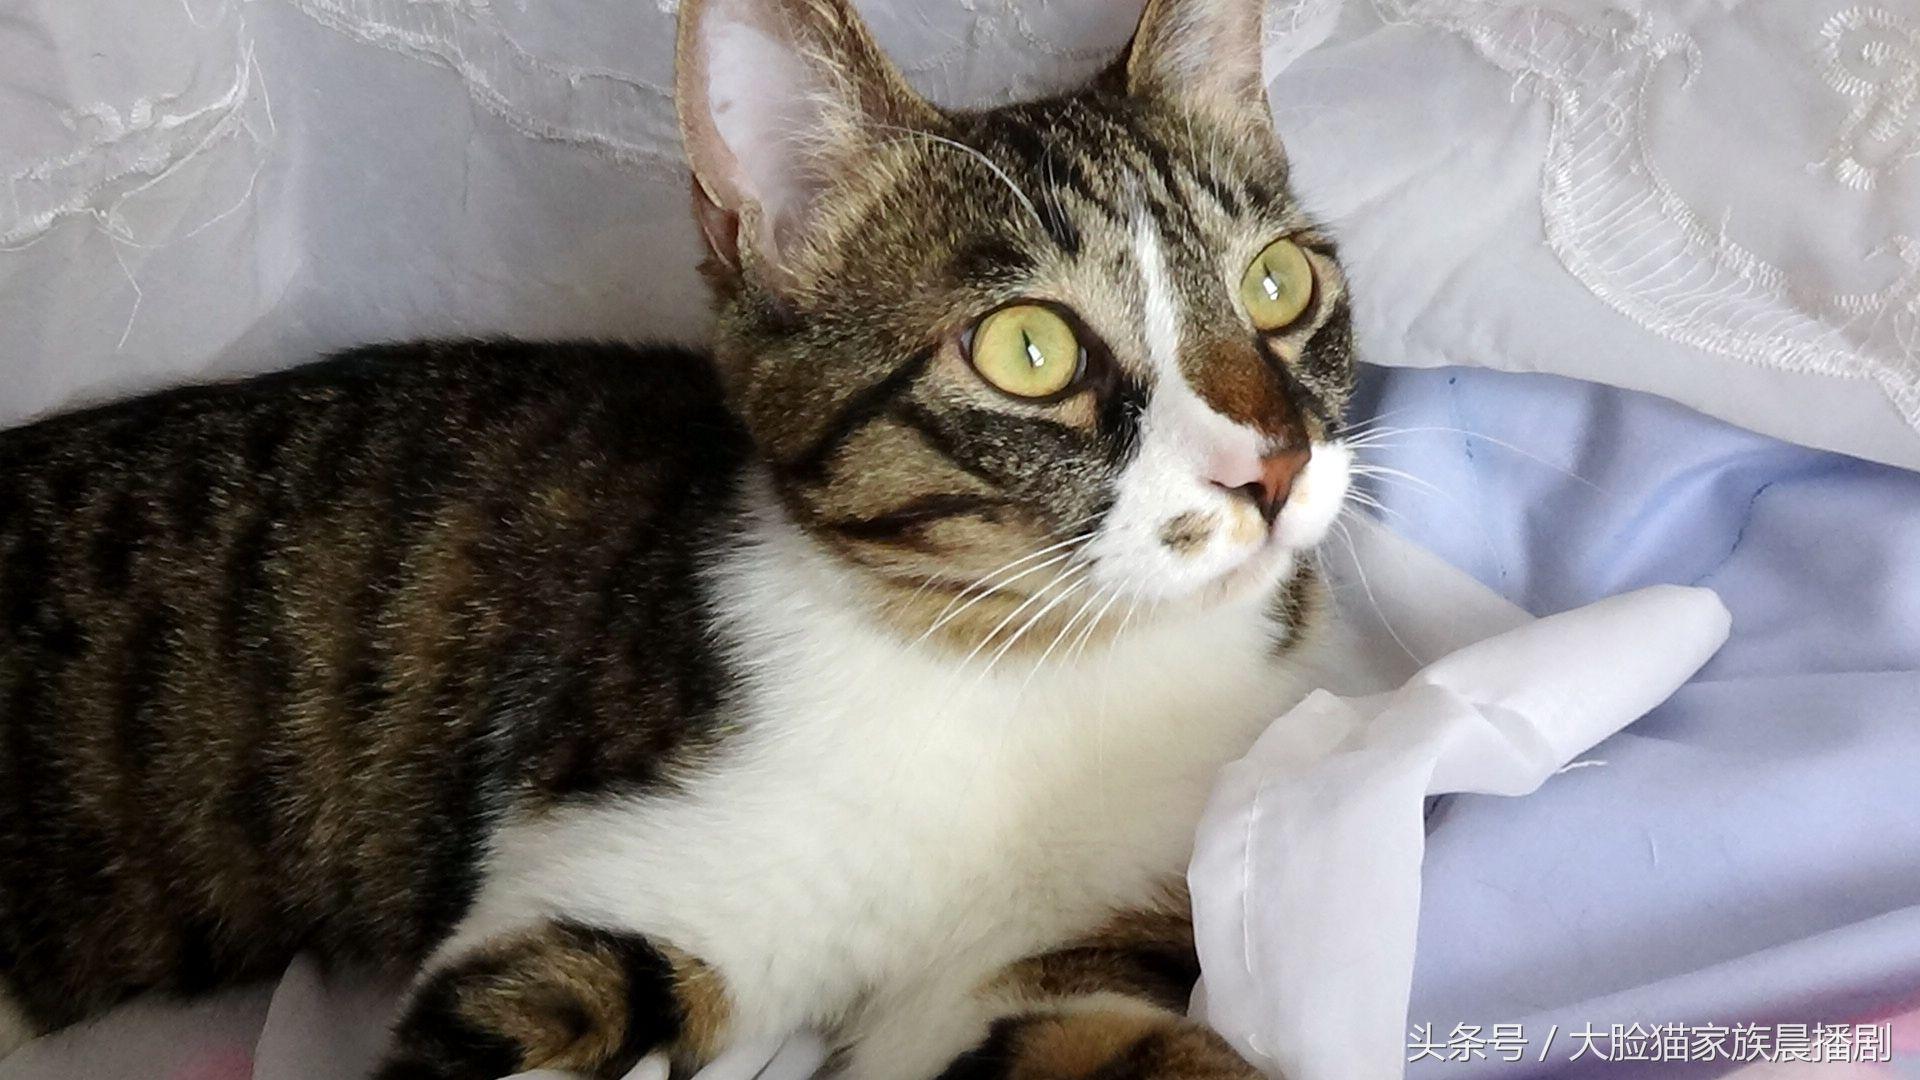 大脸猫家族电脑屏保21张,喜欢猫咪的亲抱走吧,欢迎做头条头像哦